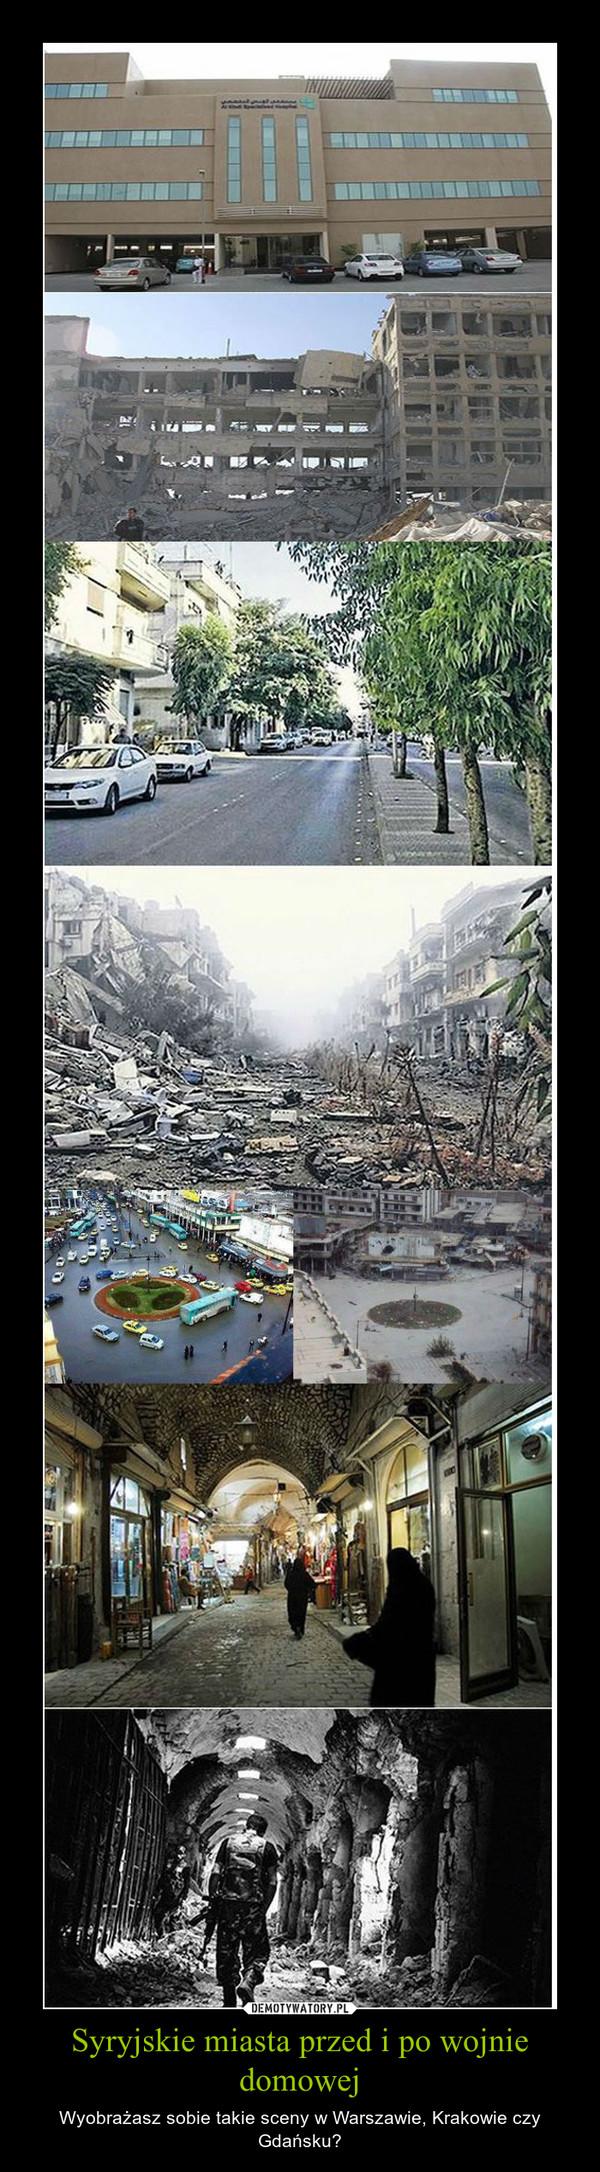 Syryjskie miasta przed i po wojnie domowej – Wyobrażasz sobie takie sceny w Warszawie, Krakowie czy Gdańsku?